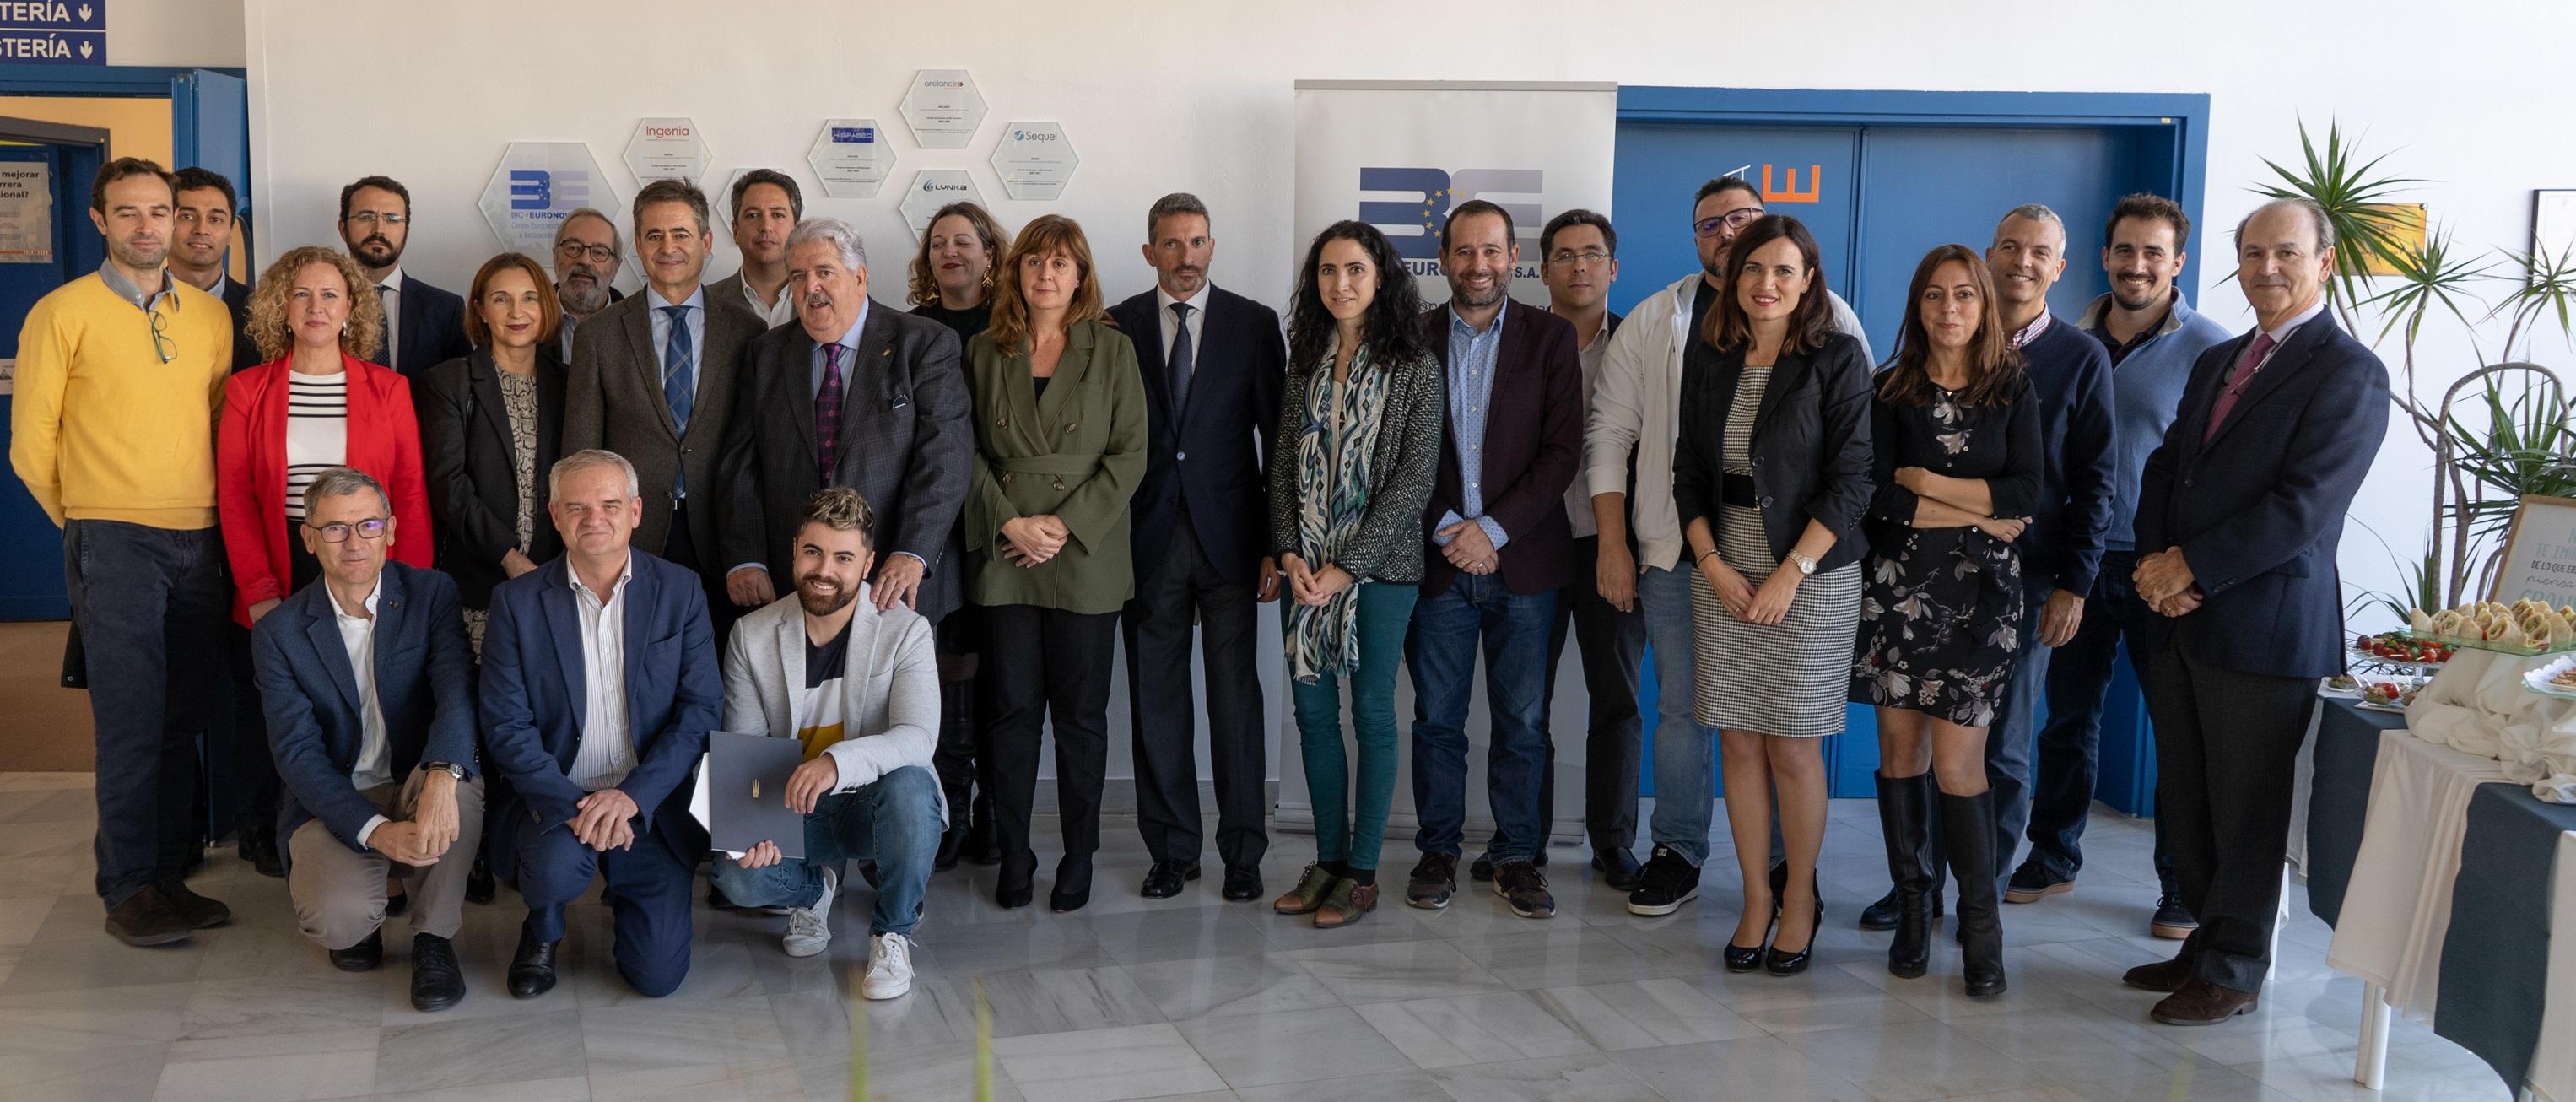 BIC Euronova rinde homenaje a empresas malagueñas de éxito con trayectoria internacional que han estado alojadas en su centro